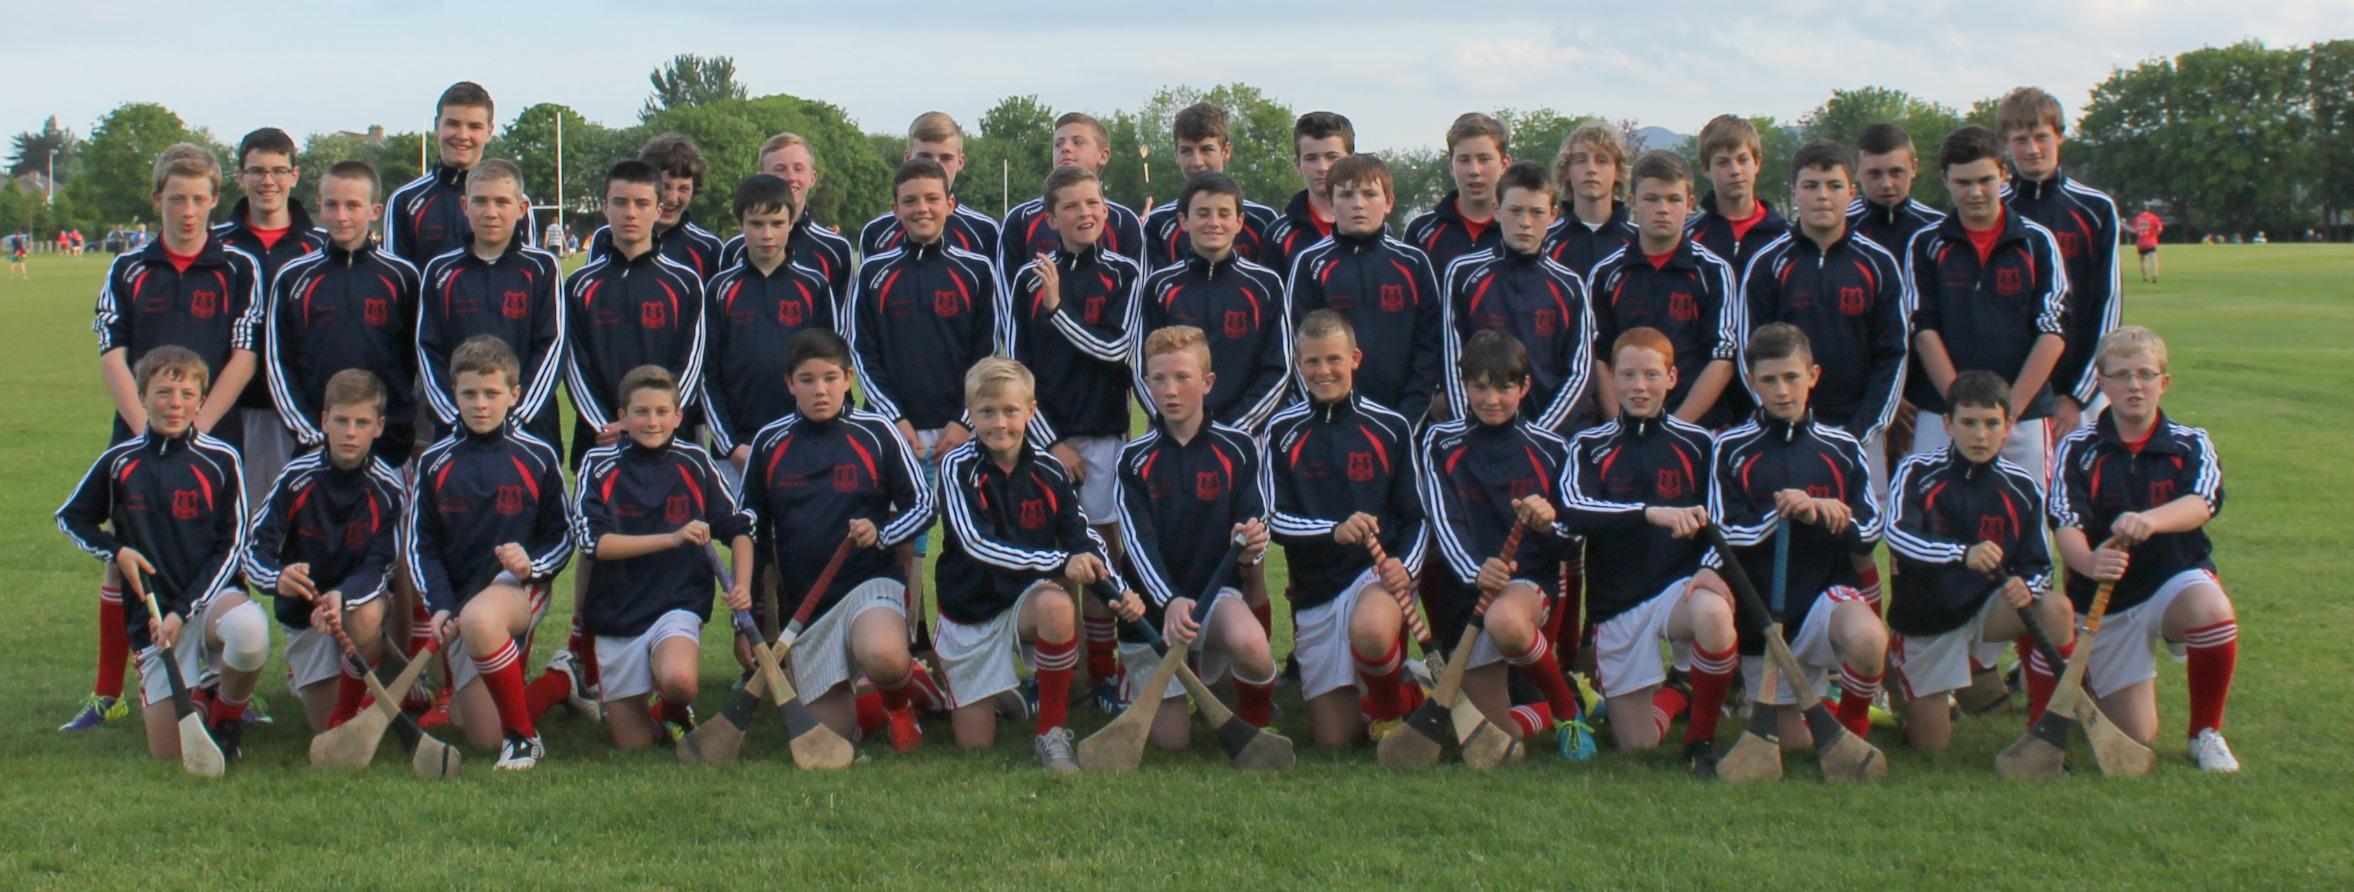 Féile Huling Squad 2014.1